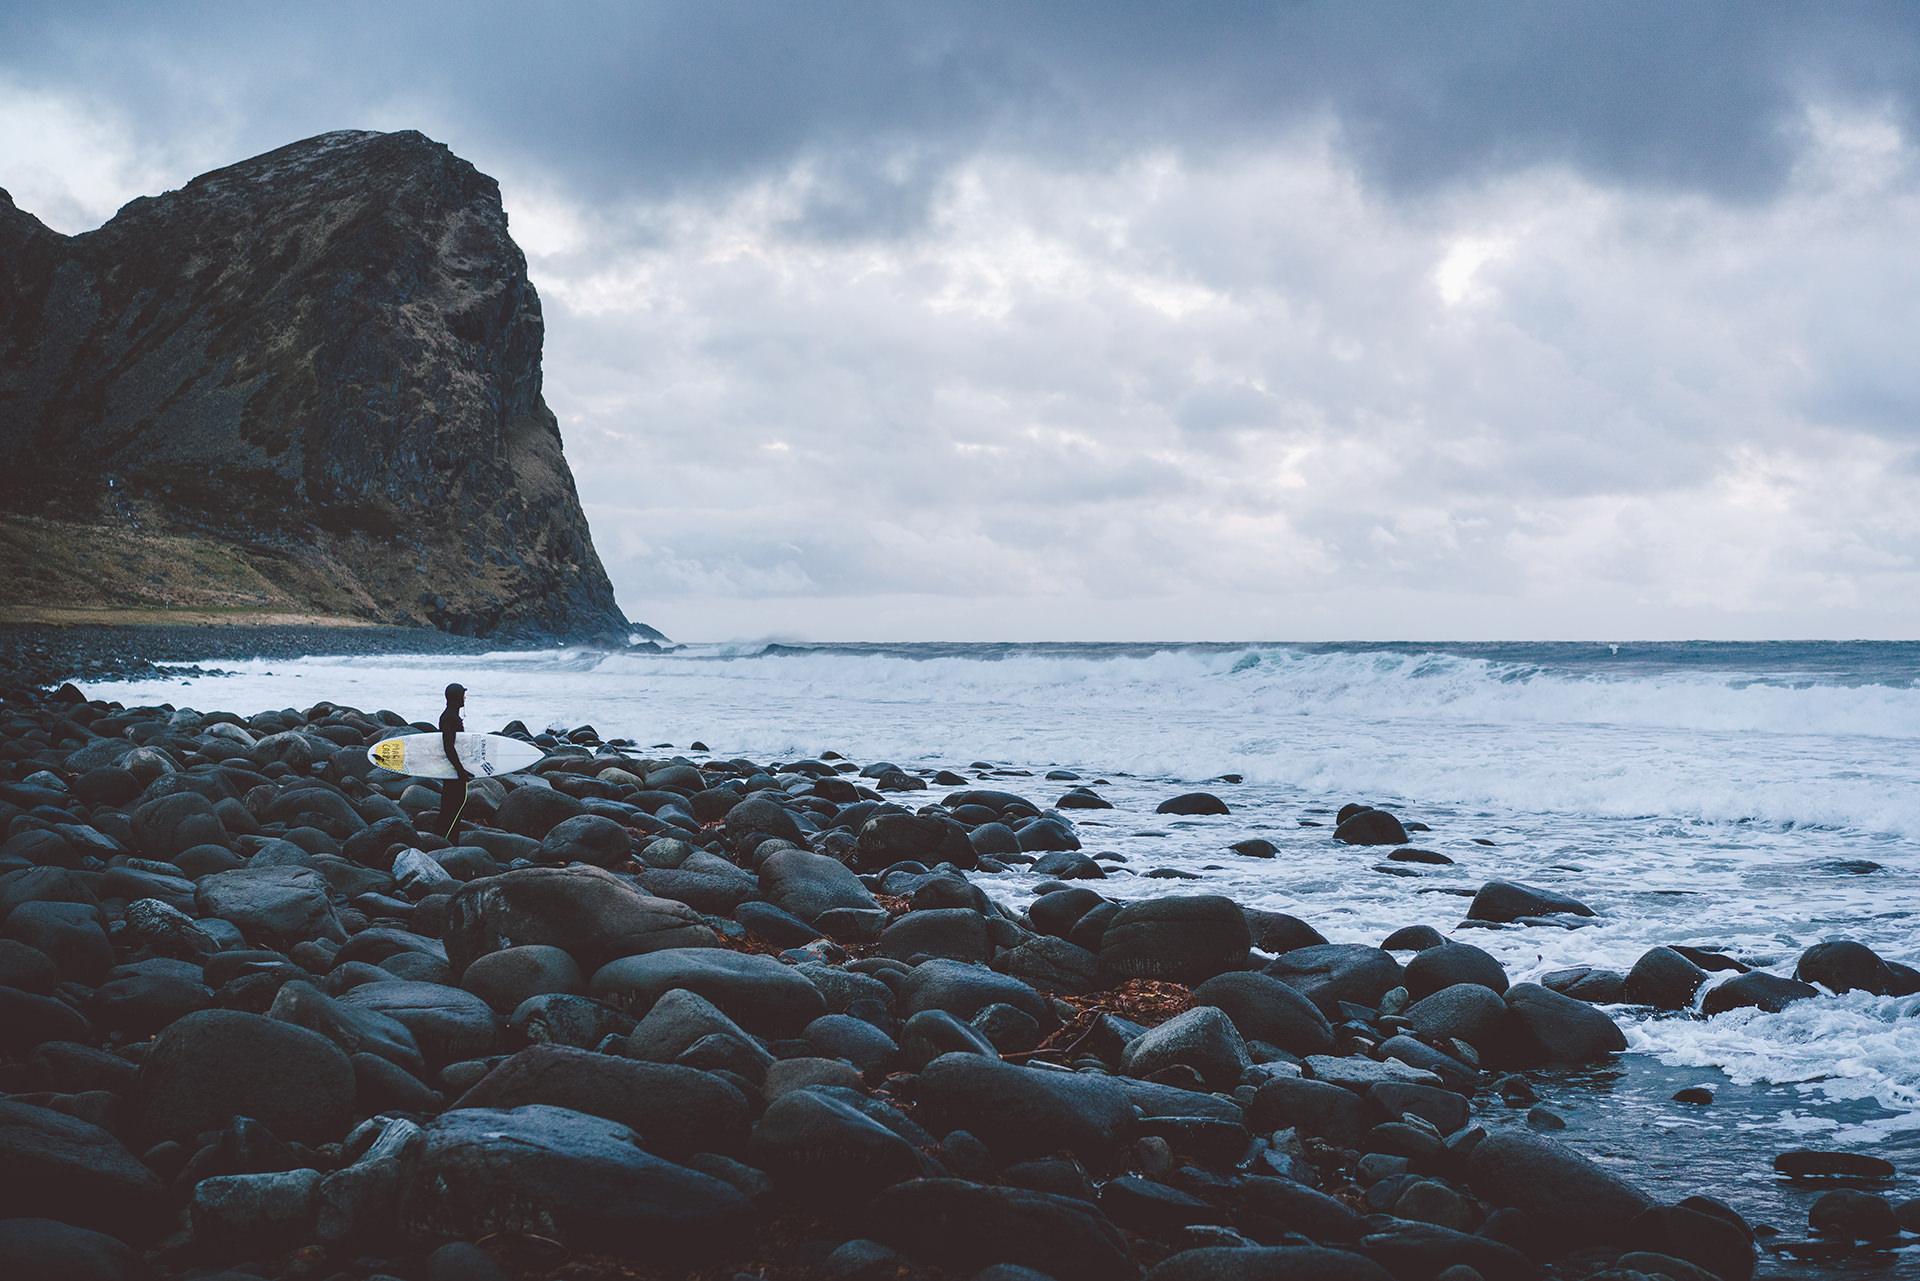 surfen-neoprenanzug-strand-steine